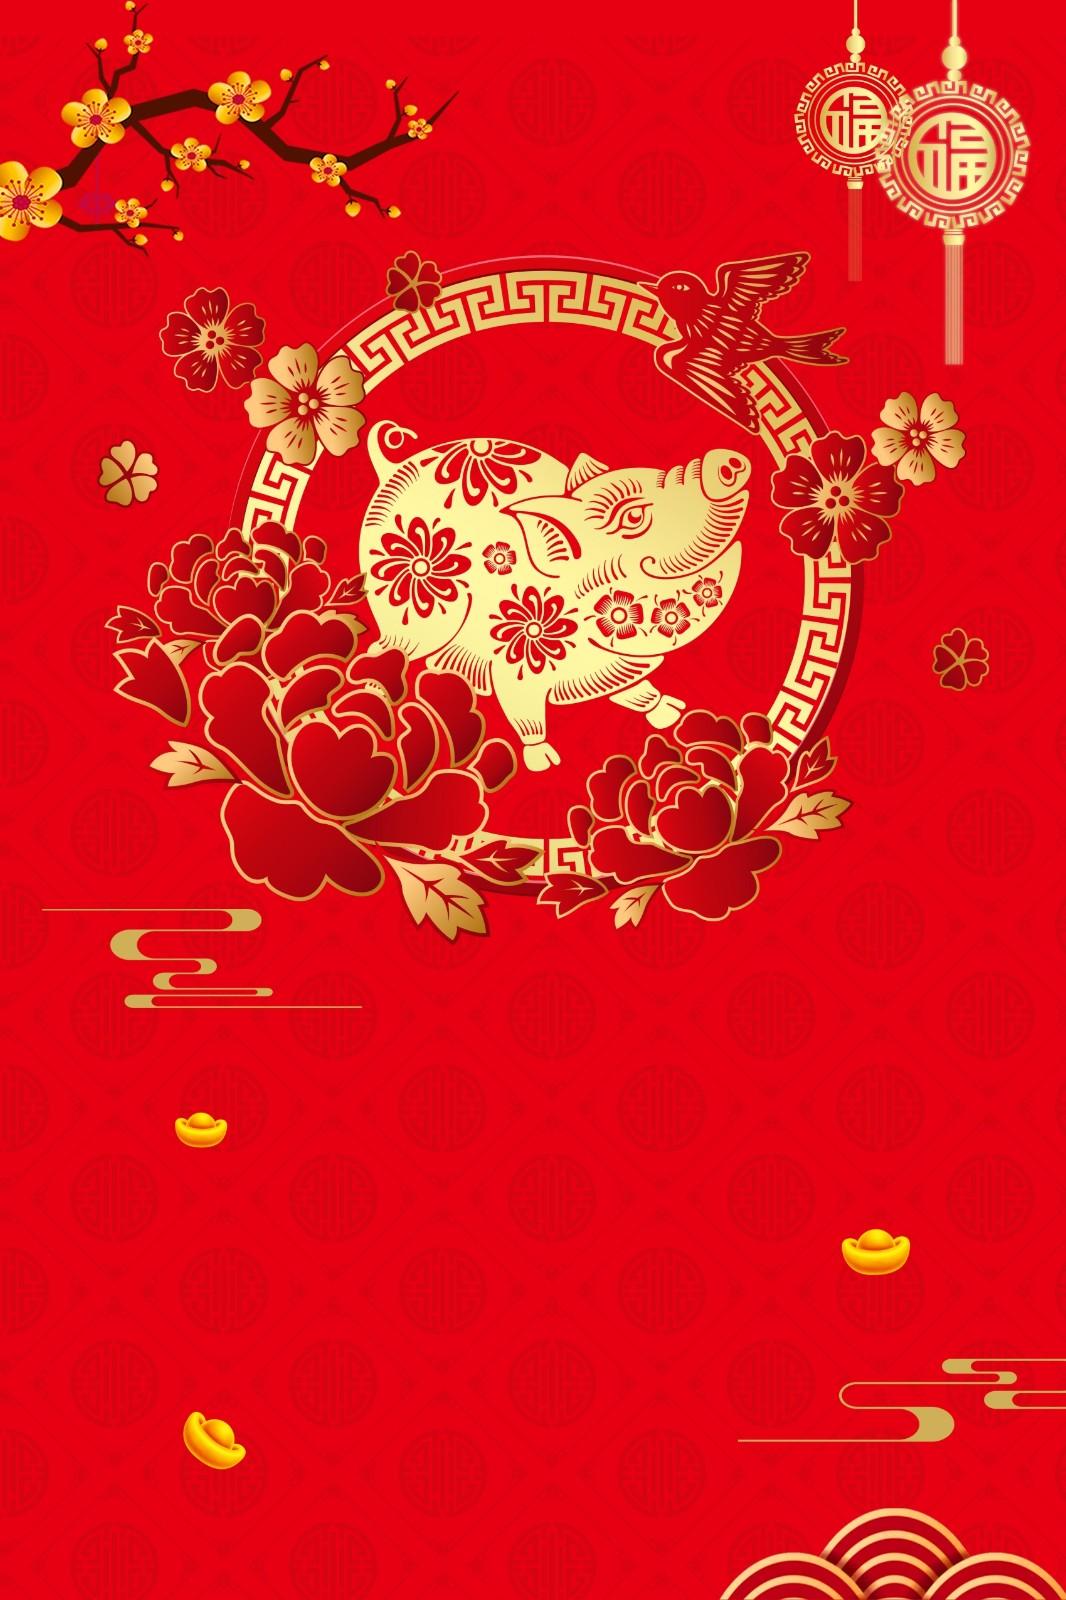 喜庆2019年猪年海报背景 金猪送福